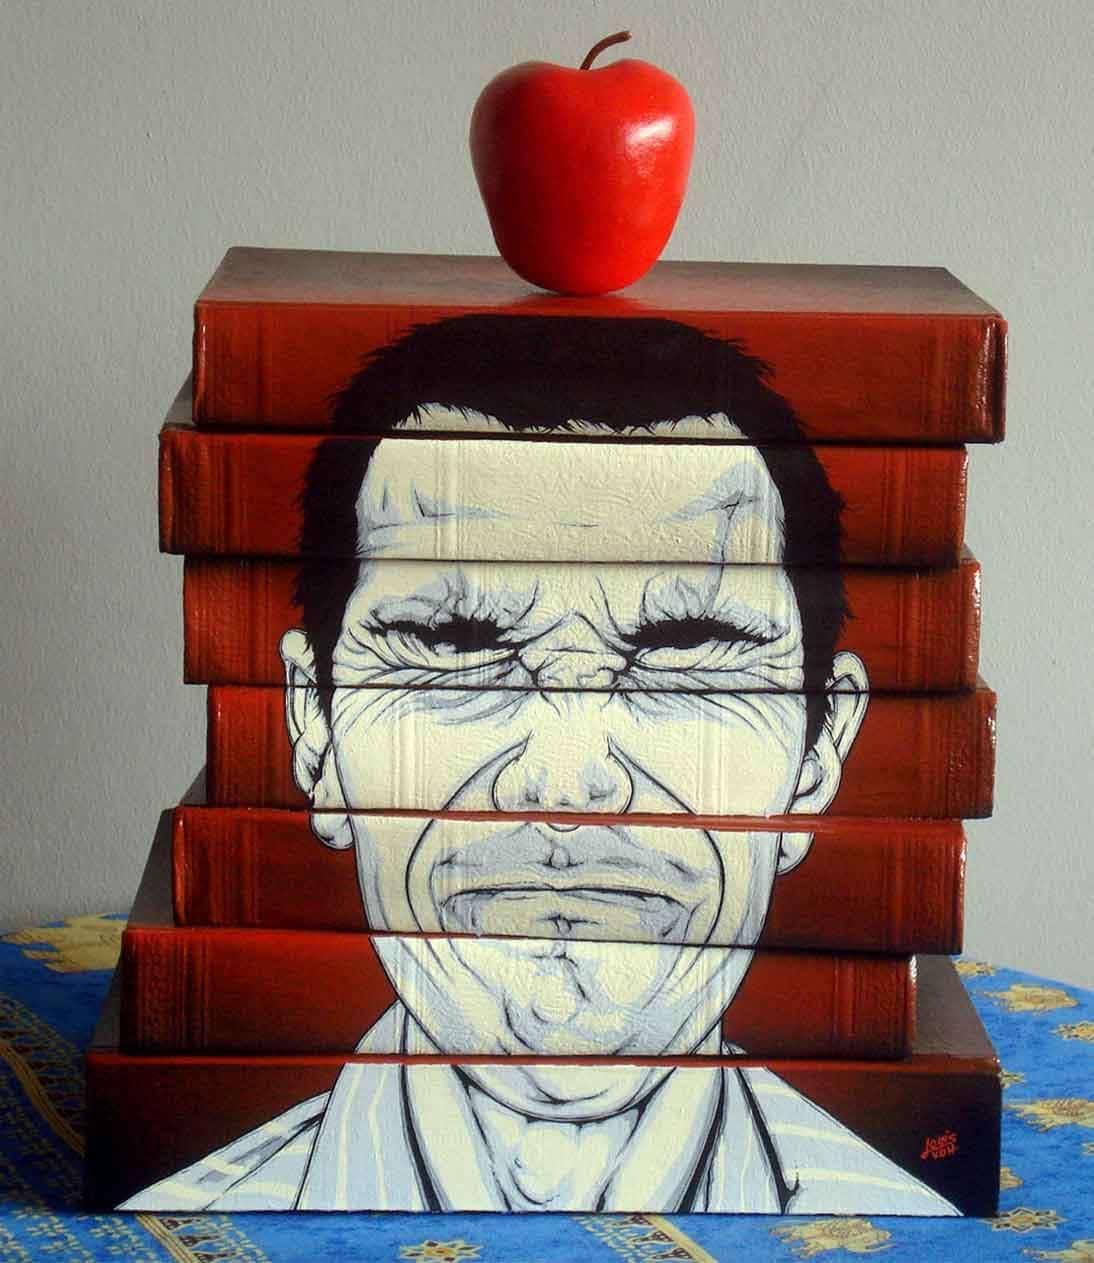 Louis Van Den Heever - Book Sculpture